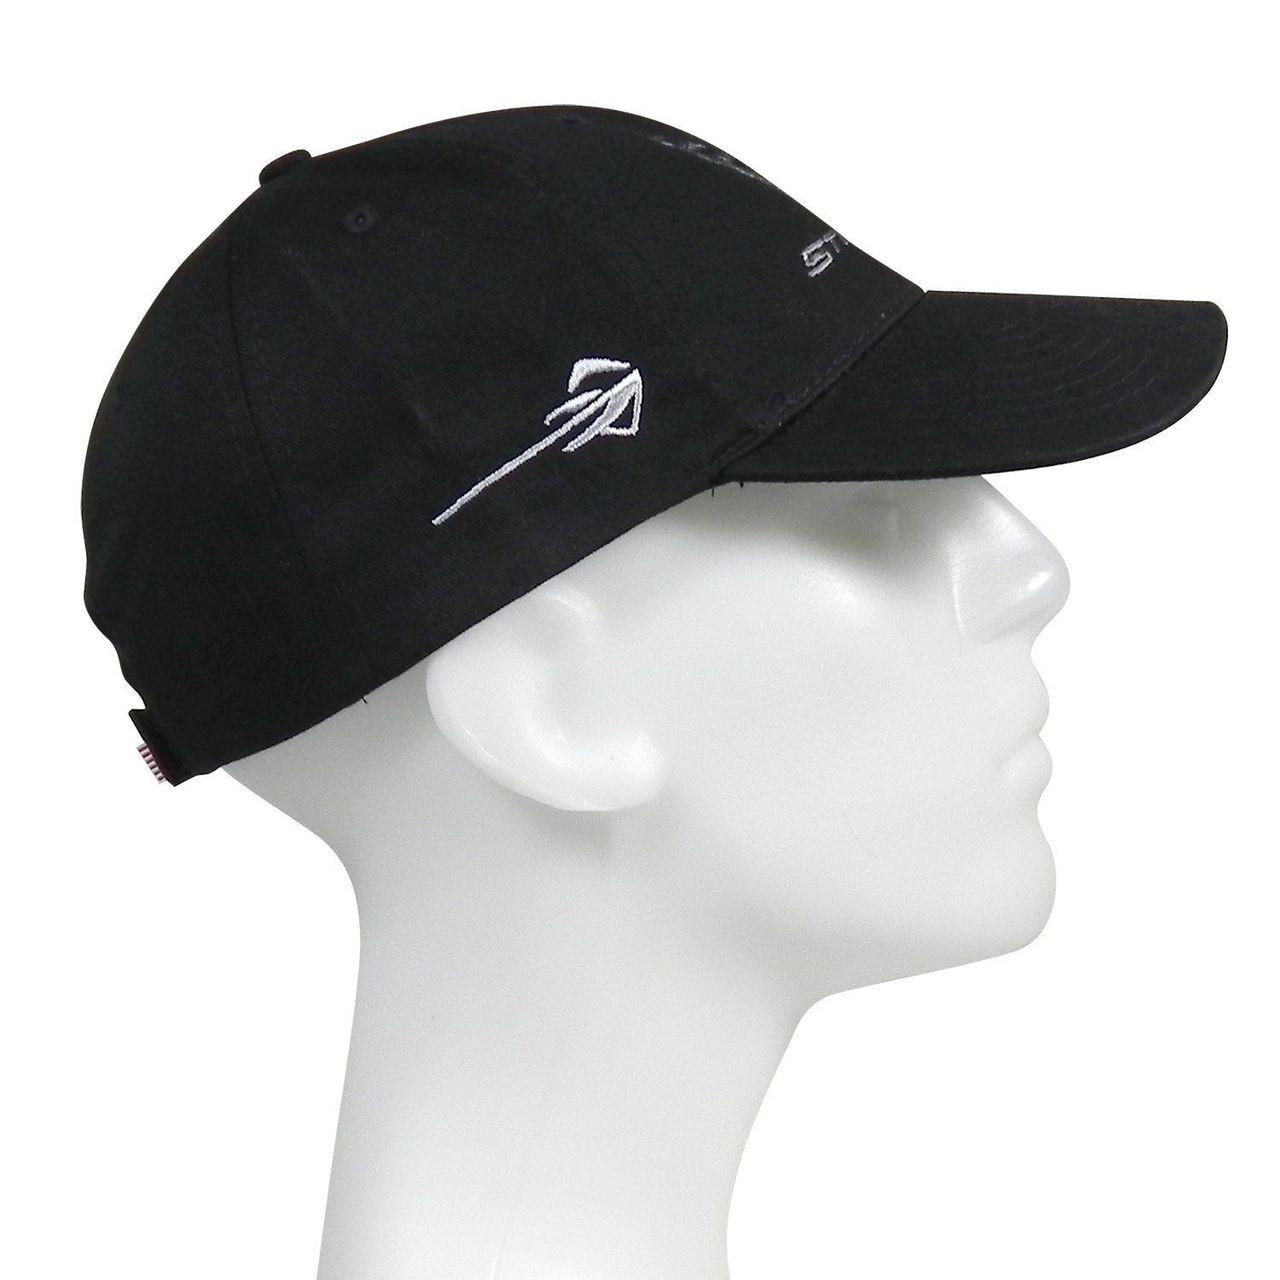 Corvette Hat Black C6 Exterior Color Matched with C6 Logo